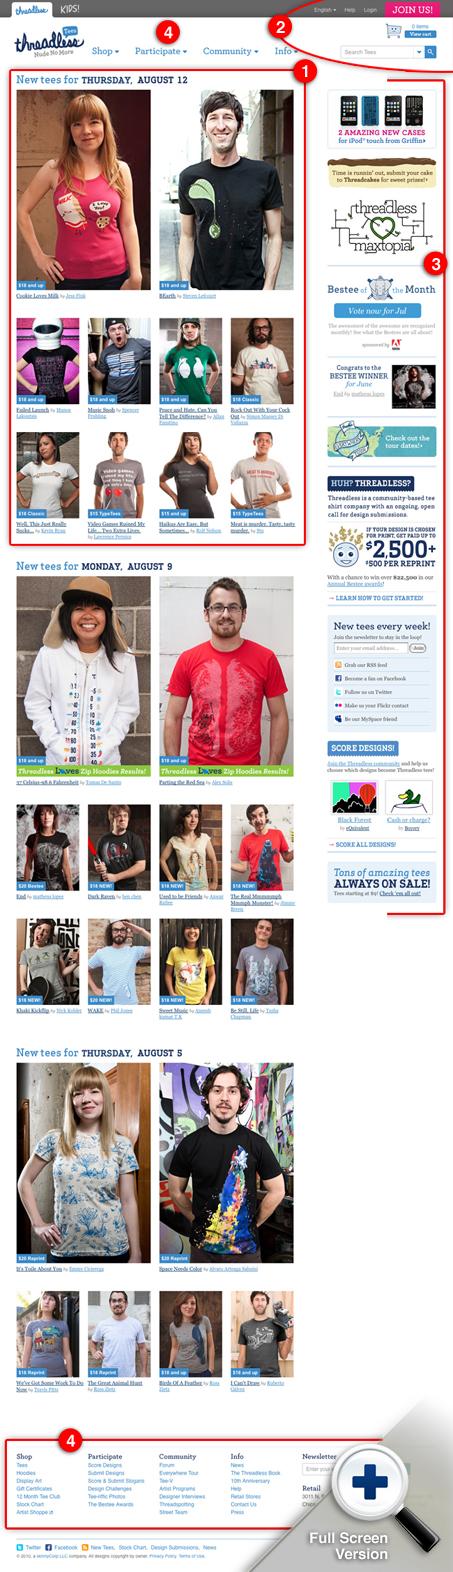 orig_homepage-453